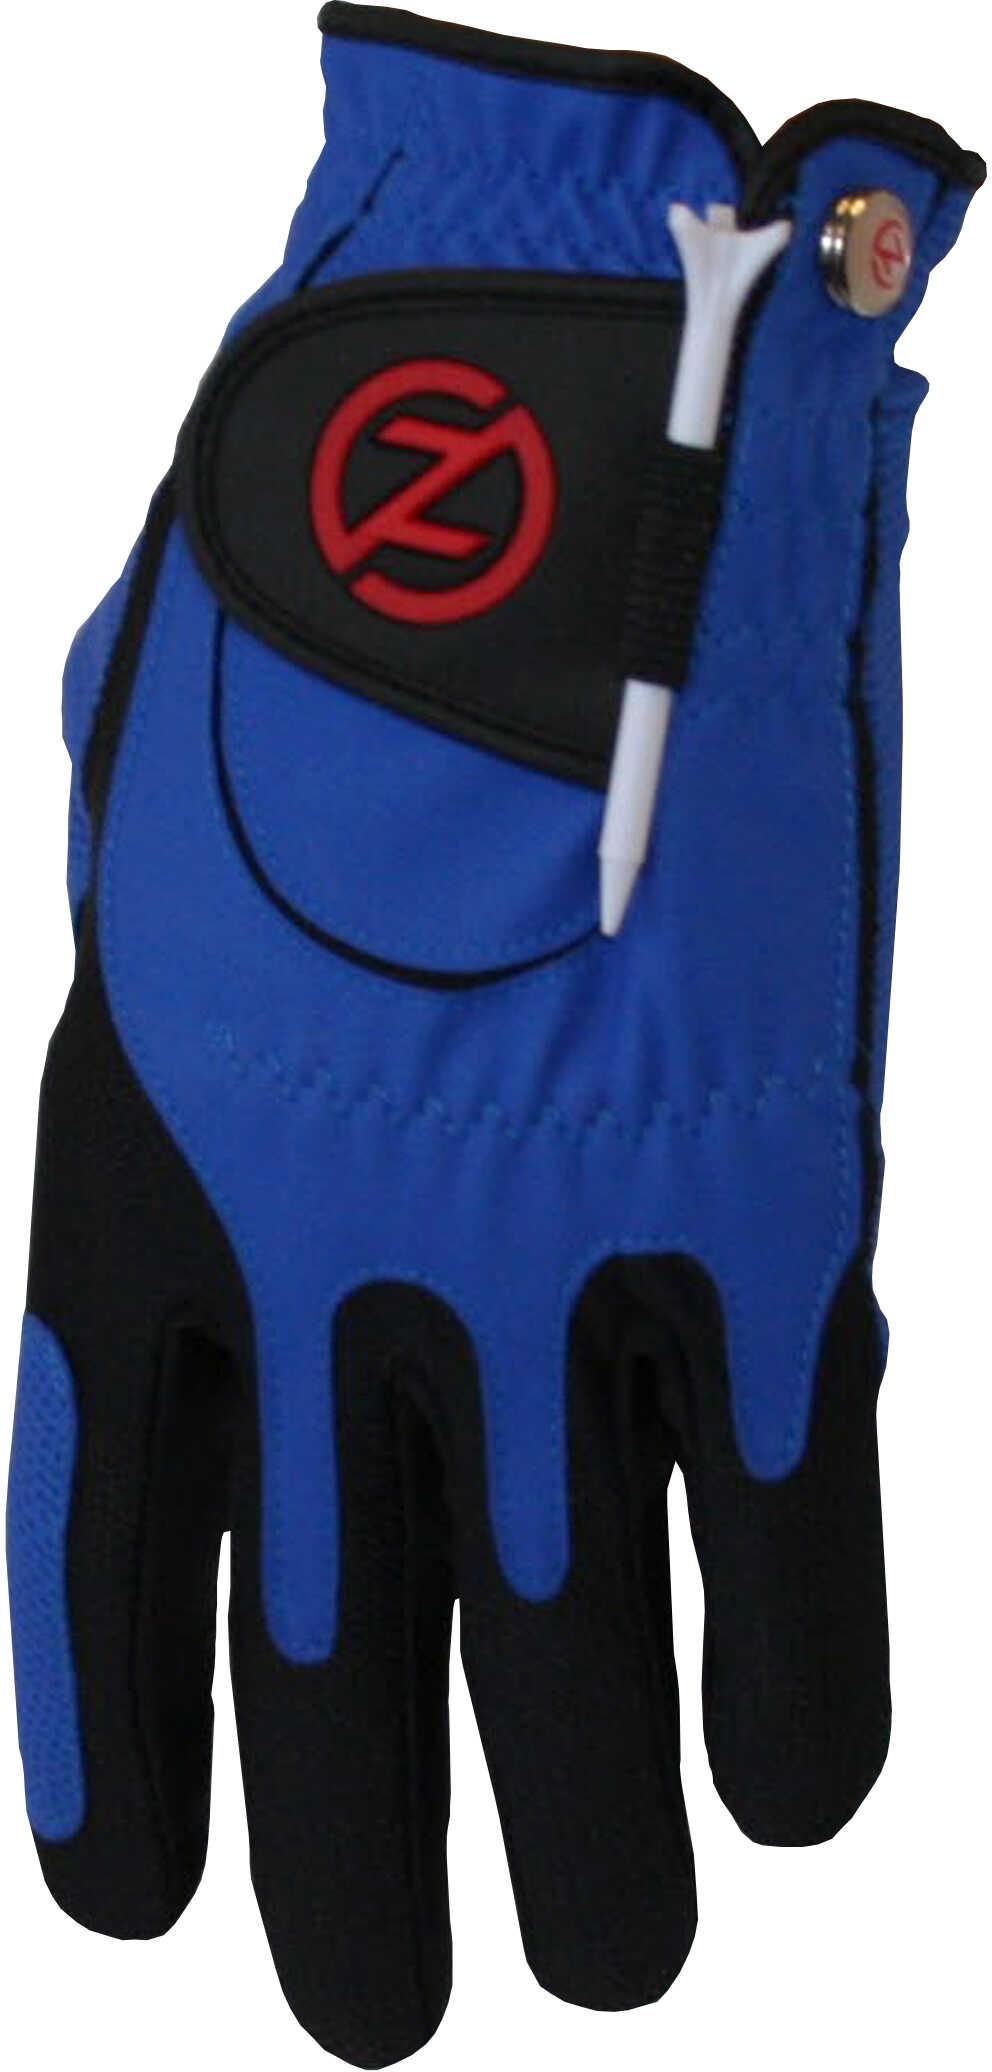 Zero Friction Jr. Compression Golf Glove Blue (LH)